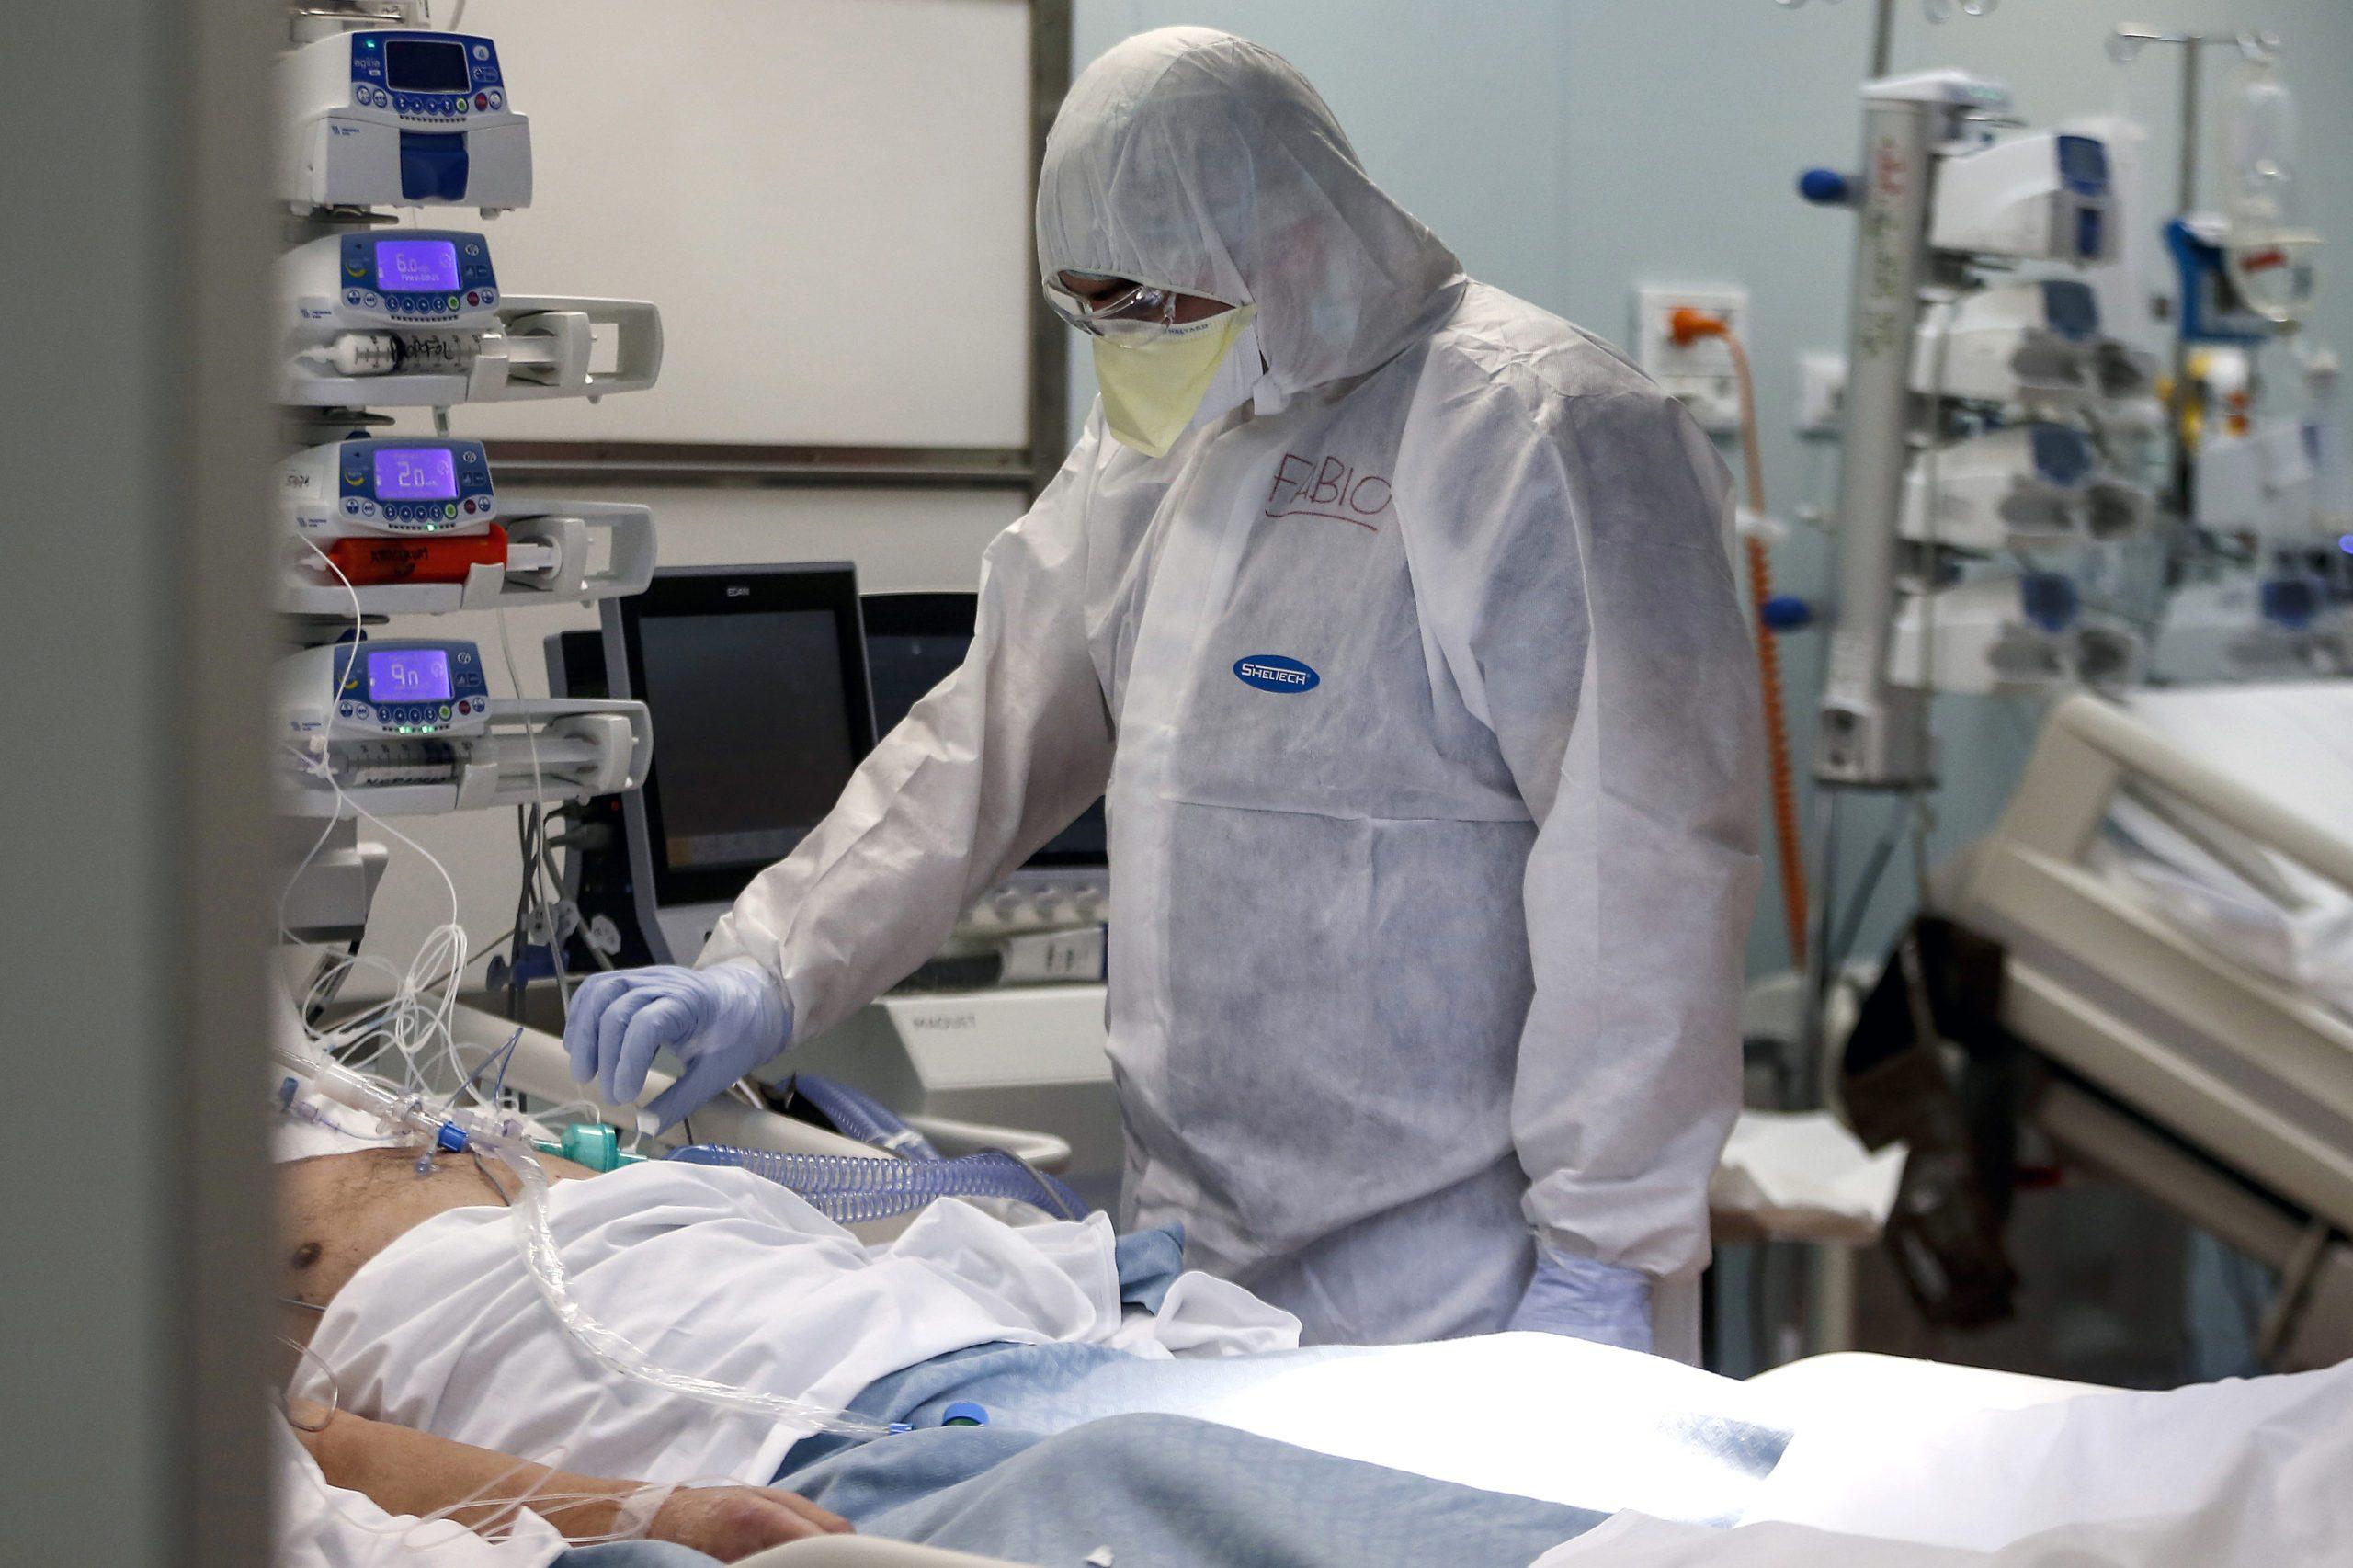 novih-87-slucajeva-korona-virusa-u-crnoj-gori!-od-juna-u-rozajama-preminulo-6-osoba